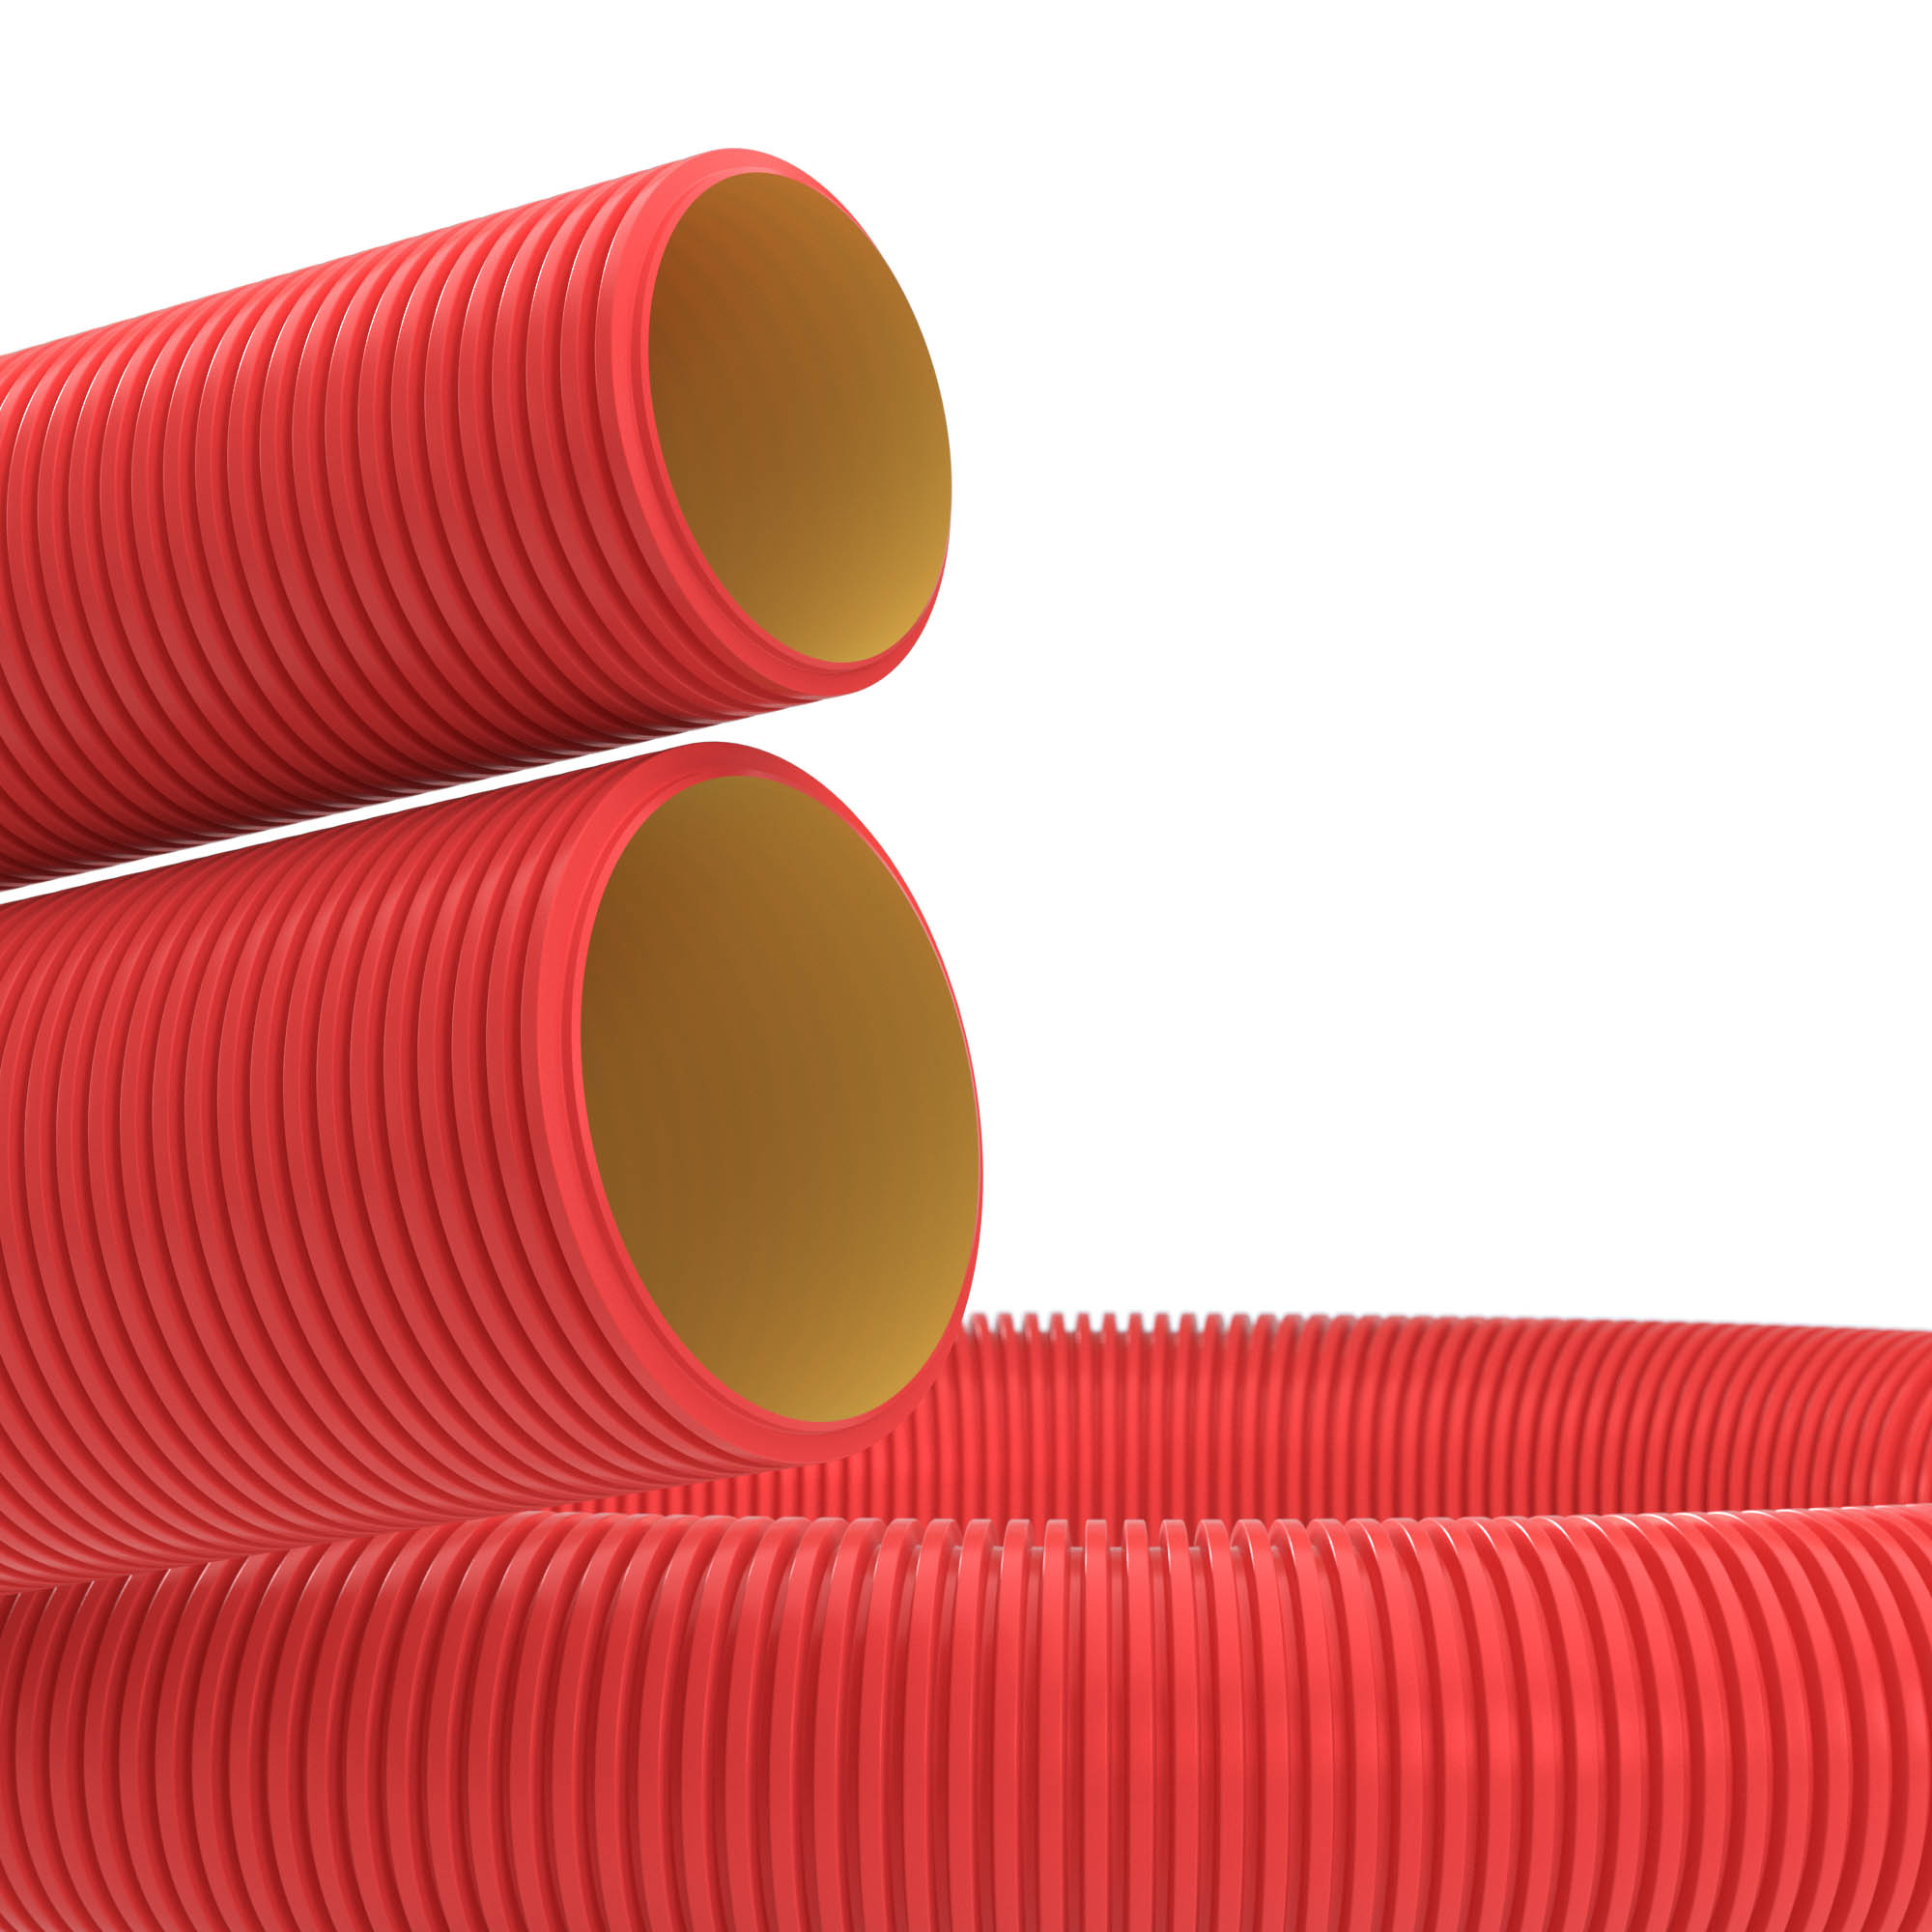 Двустенная труба ПНД гибкая для кабельной канализации d 160мм без протяжки SN6 450Н красный